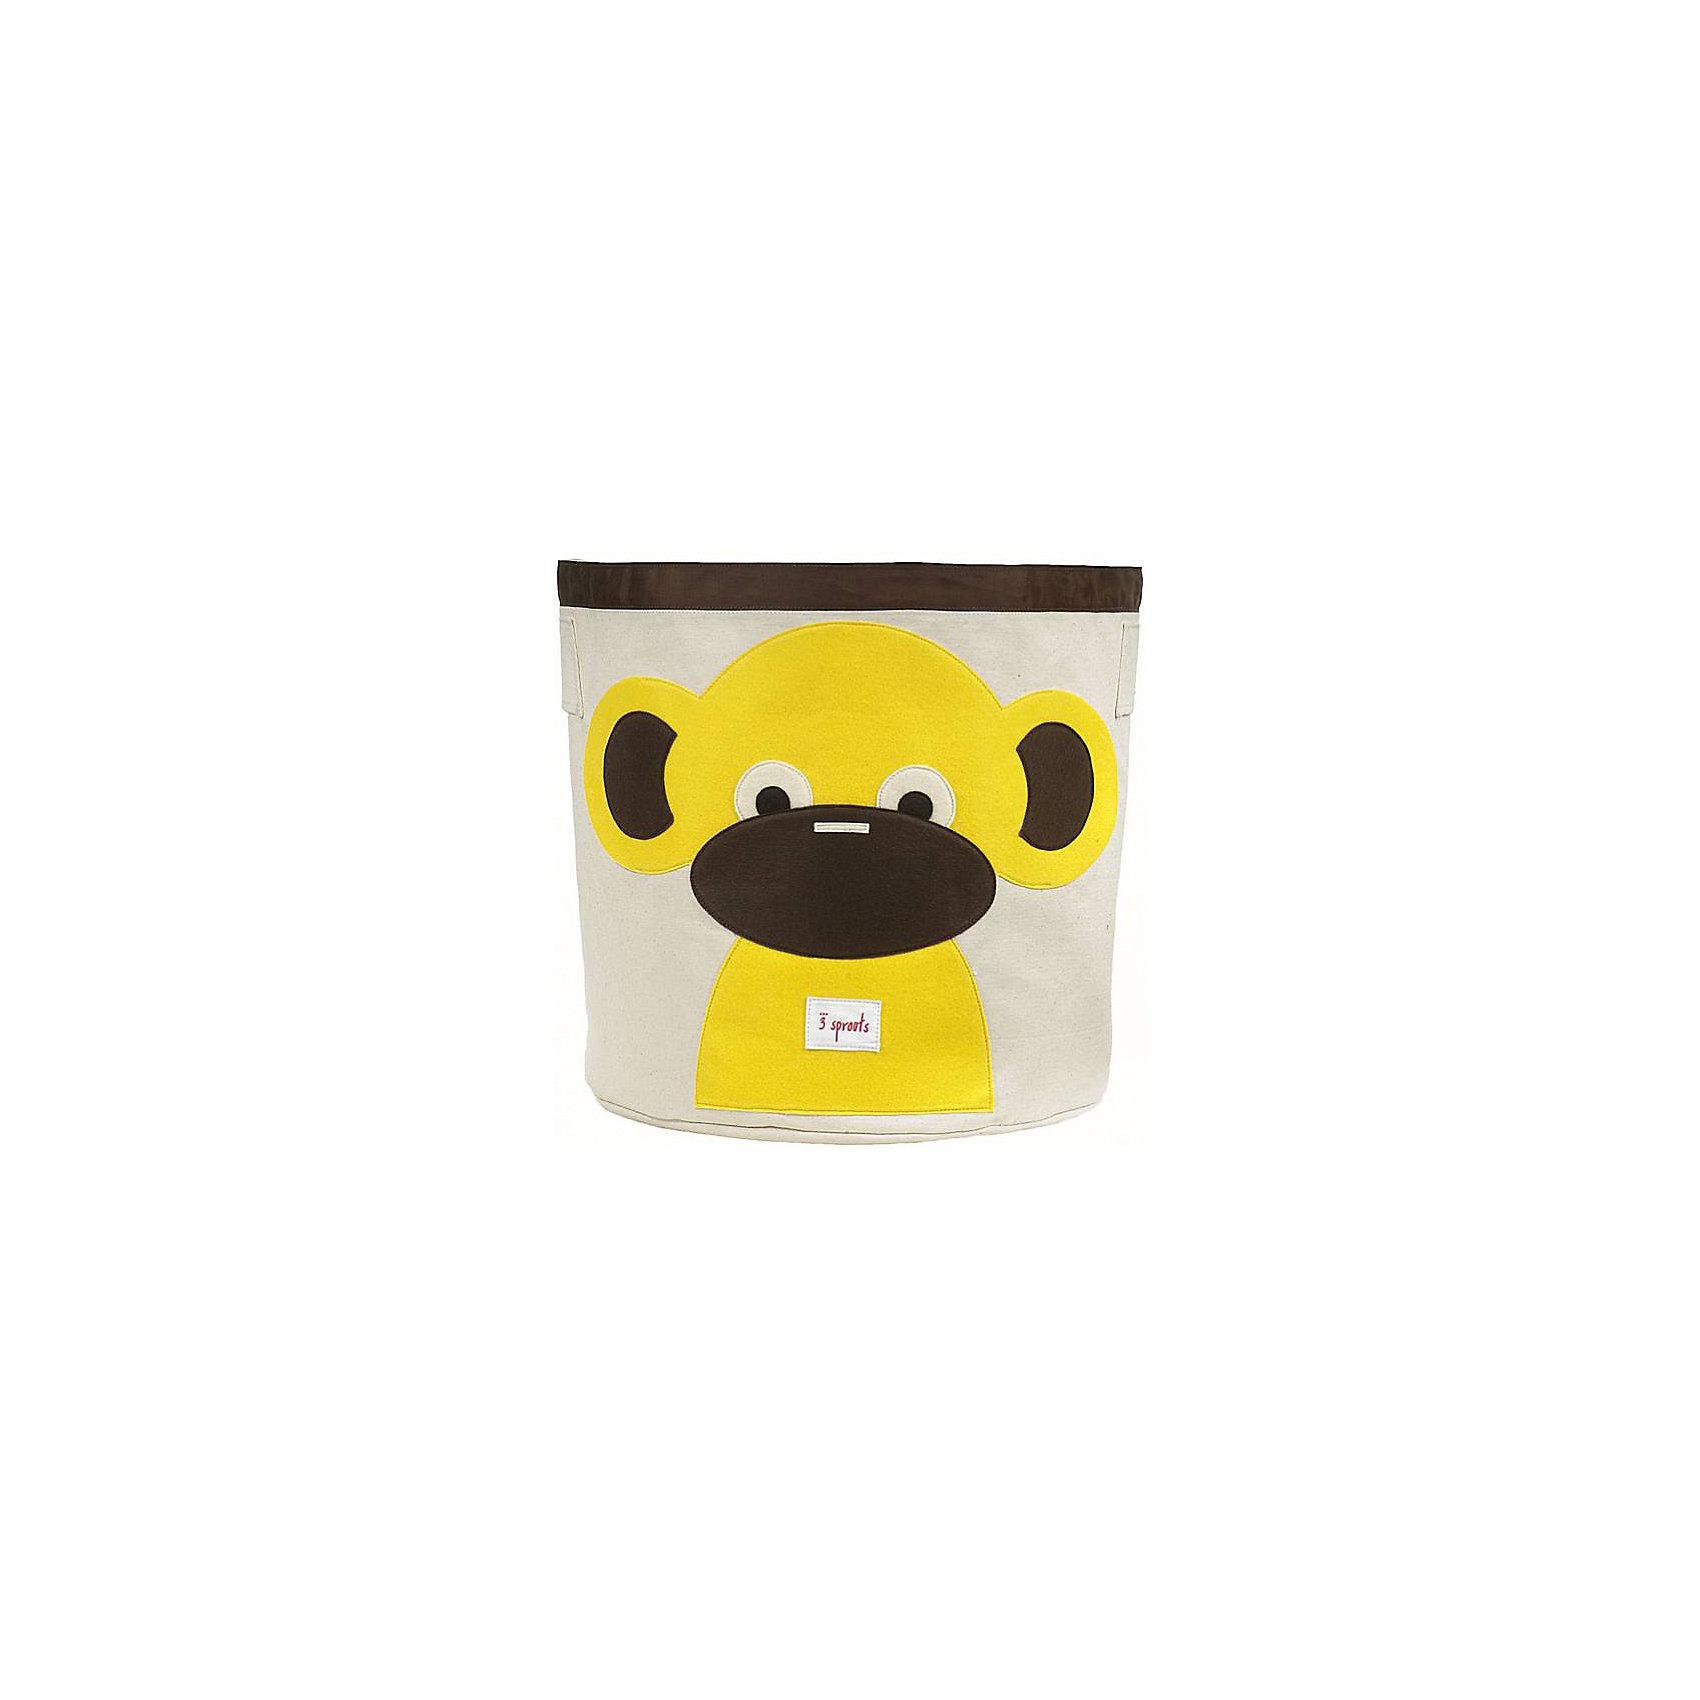 Корзина для хранения Обезьянка (Yellow Monkey), 3 SproutsТакие милые корзины помогут Вам навести порядок в детской. Размер корзины позволяет хранить в ней игрушки или белье.  <br><br>Дополнительная информация:<br><br>- Размер полотенца: 44.5х43 см.<br>- Материал: <br>100% хлопковый брезент.<br>100% полиэстровая фетровая аппликация.<br>100% полиэтиленовое покрытие (внутри).<br><br>Купить корзину для хранения Обезьянка (Yellow Monkey), можно в нашем магазине.<br><br>Ширина мм: 250<br>Глубина мм: 20<br>Высота мм: 450<br>Вес г: 526<br>Возраст от месяцев: 6<br>Возраст до месяцев: 84<br>Пол: Унисекс<br>Возраст: Детский<br>SKU: 5098208